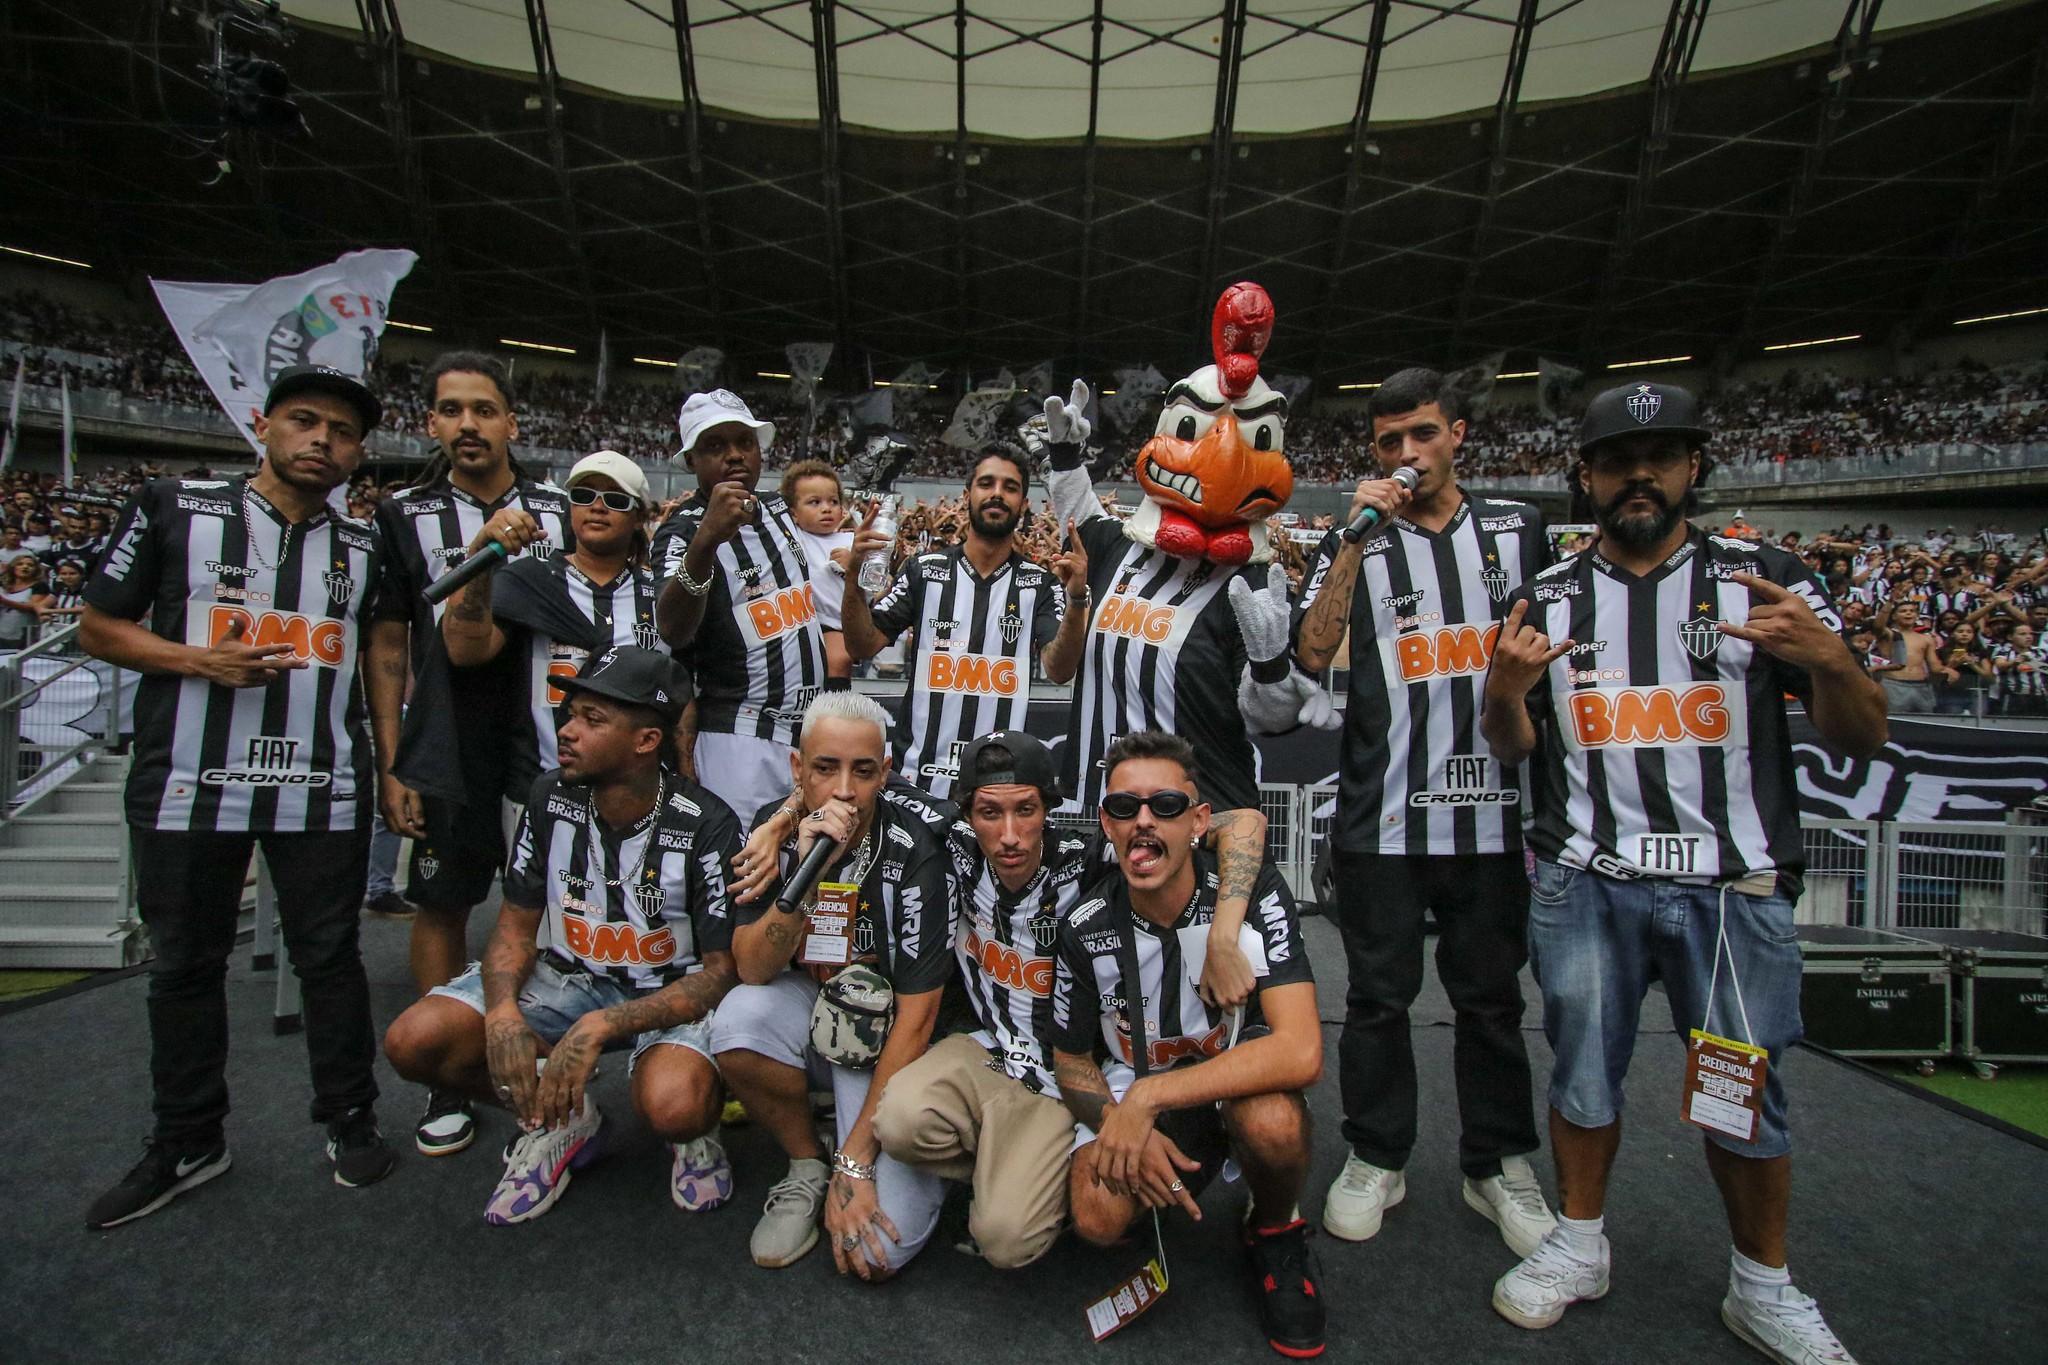 Galo comemora 111 anos com uma festa incrível em Belo Horizonte